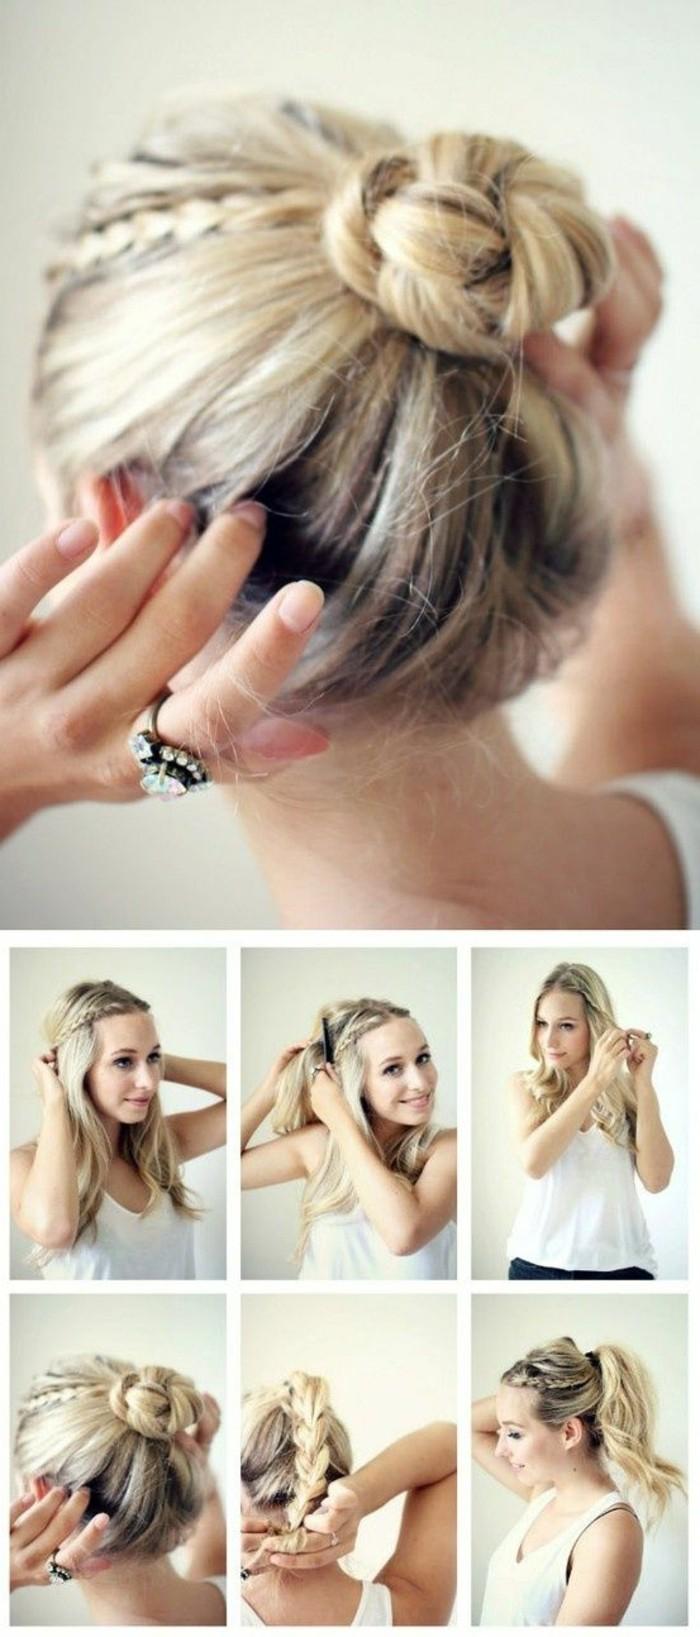 0-coiffure-facile-et-rapide-chveux-longs-tuto-coiffure-cheveux-longs-blonds-femme-coiffure-elegante